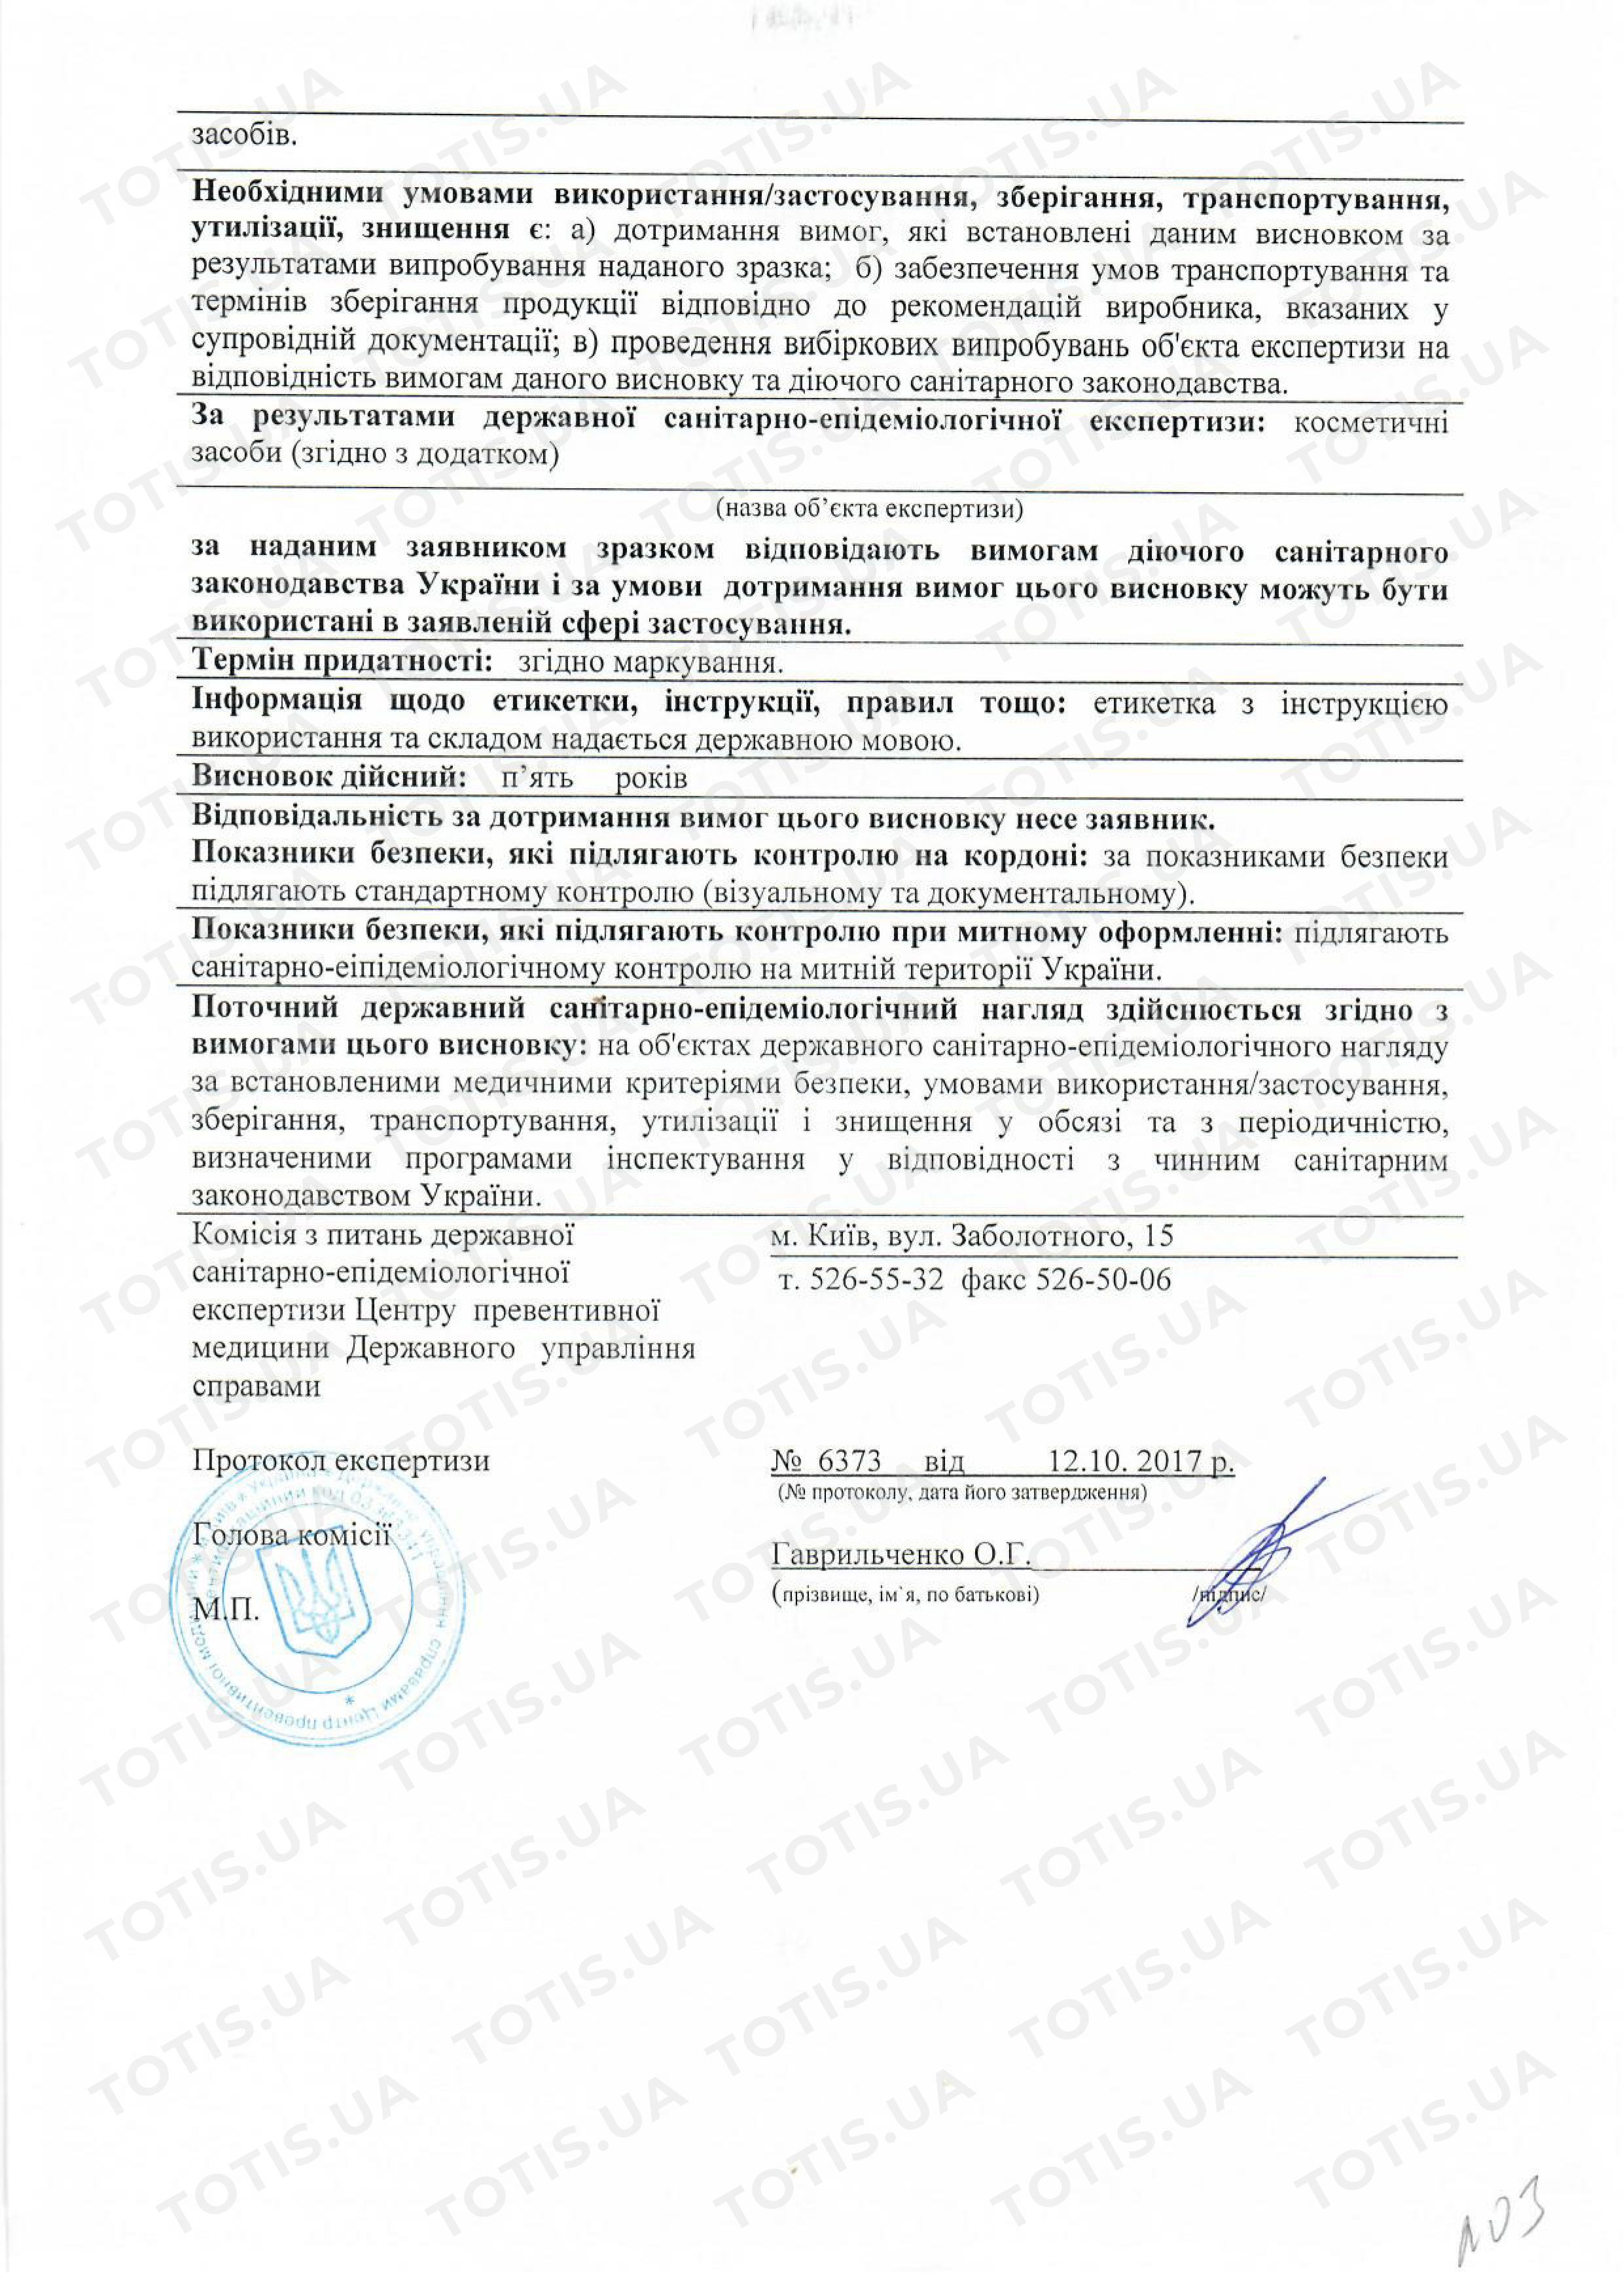 Приложение к сертификату соответствия Мастелли